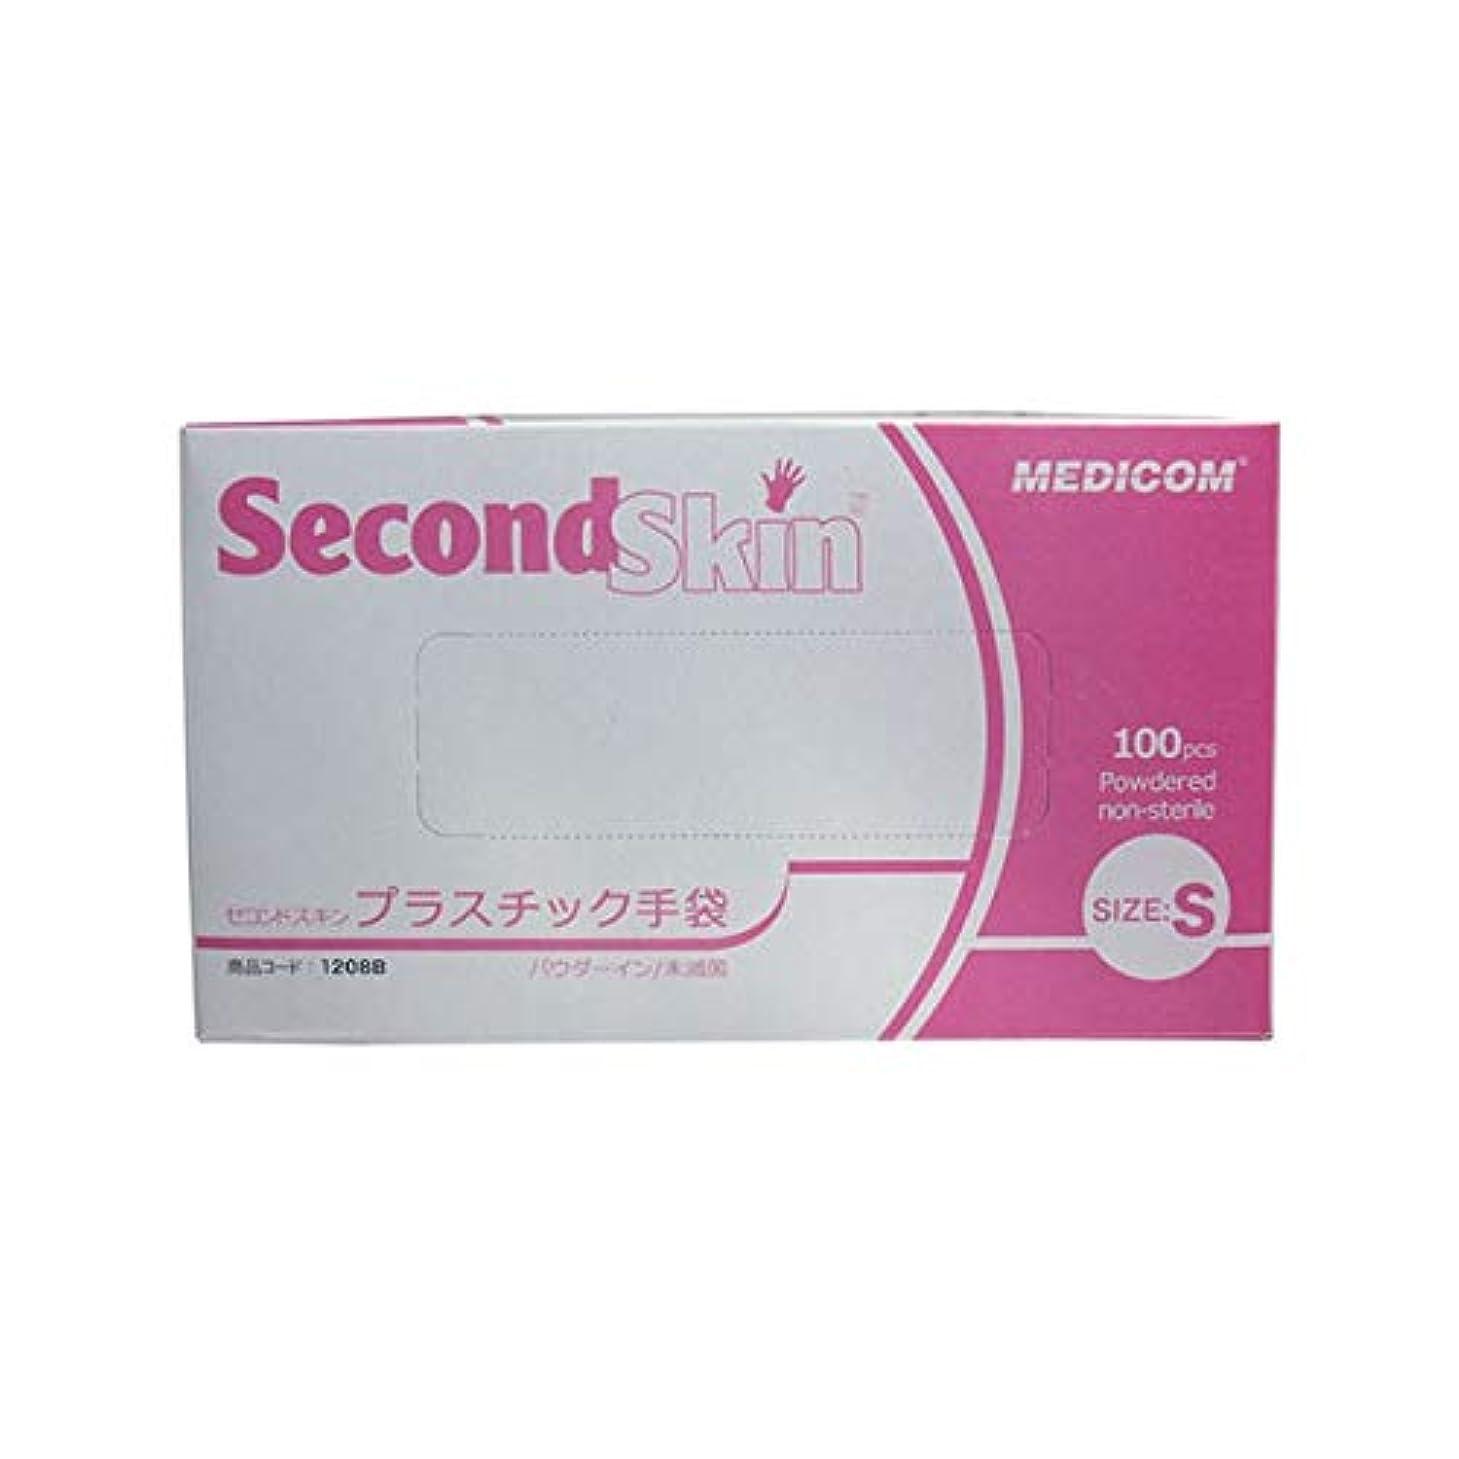 検出するトピックシネウィ使い捨て手袋 セコンドスキン プラスチック手袋 粉付き 100枚入X10箱 サイズ選択可 メディコム (S)